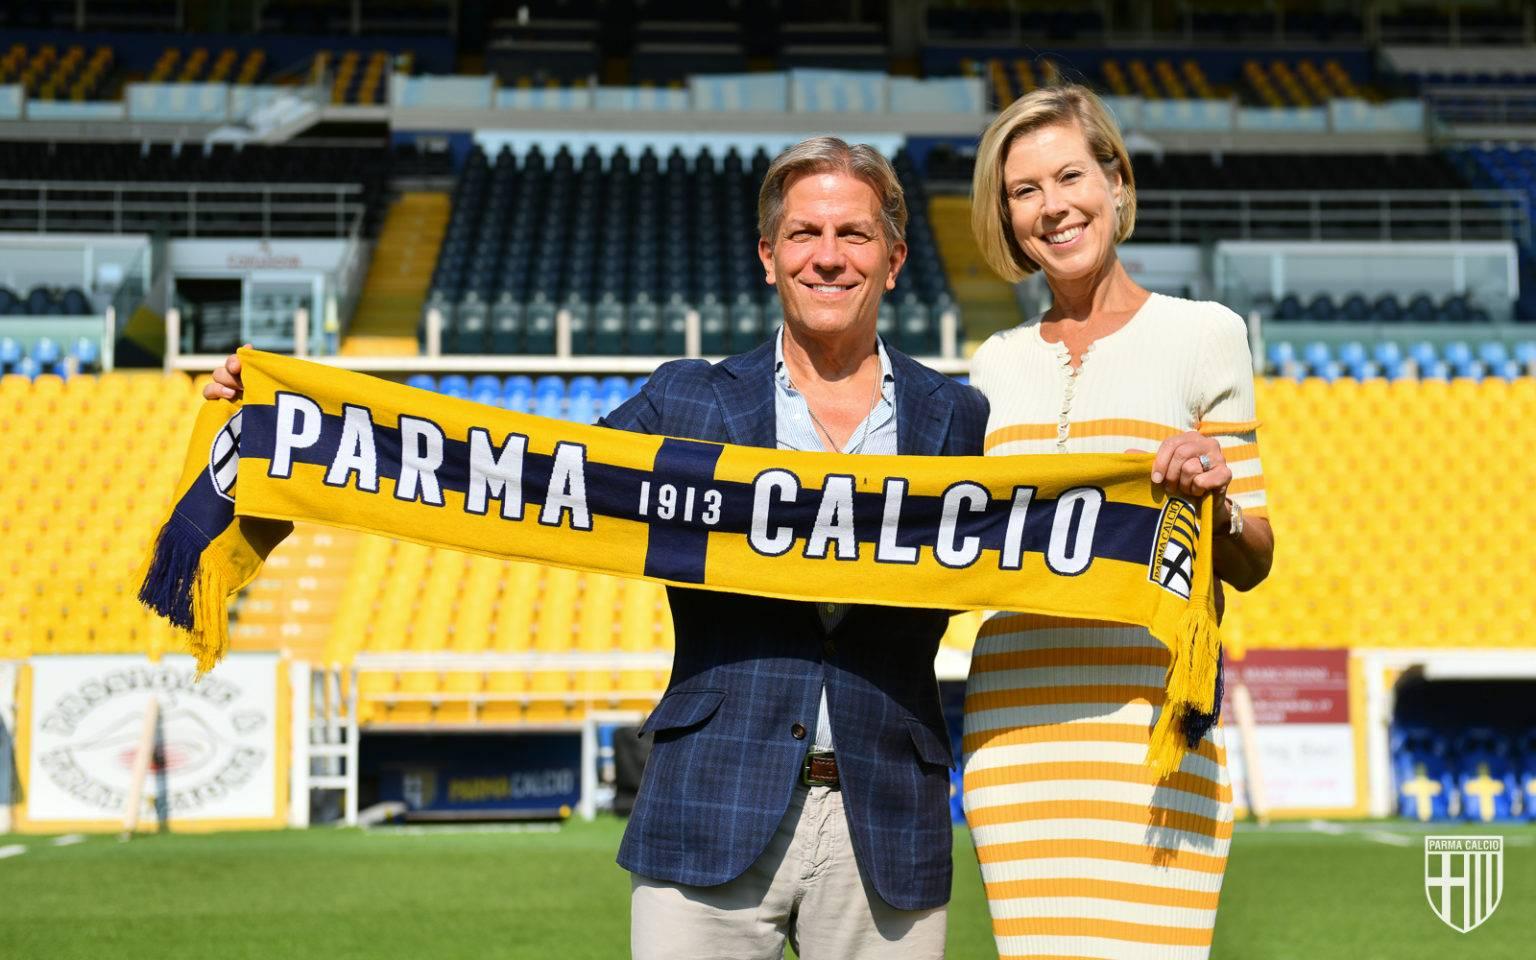 Il Parma ha un nuovo proprietario, l'americano Krause... che parla del Palermo